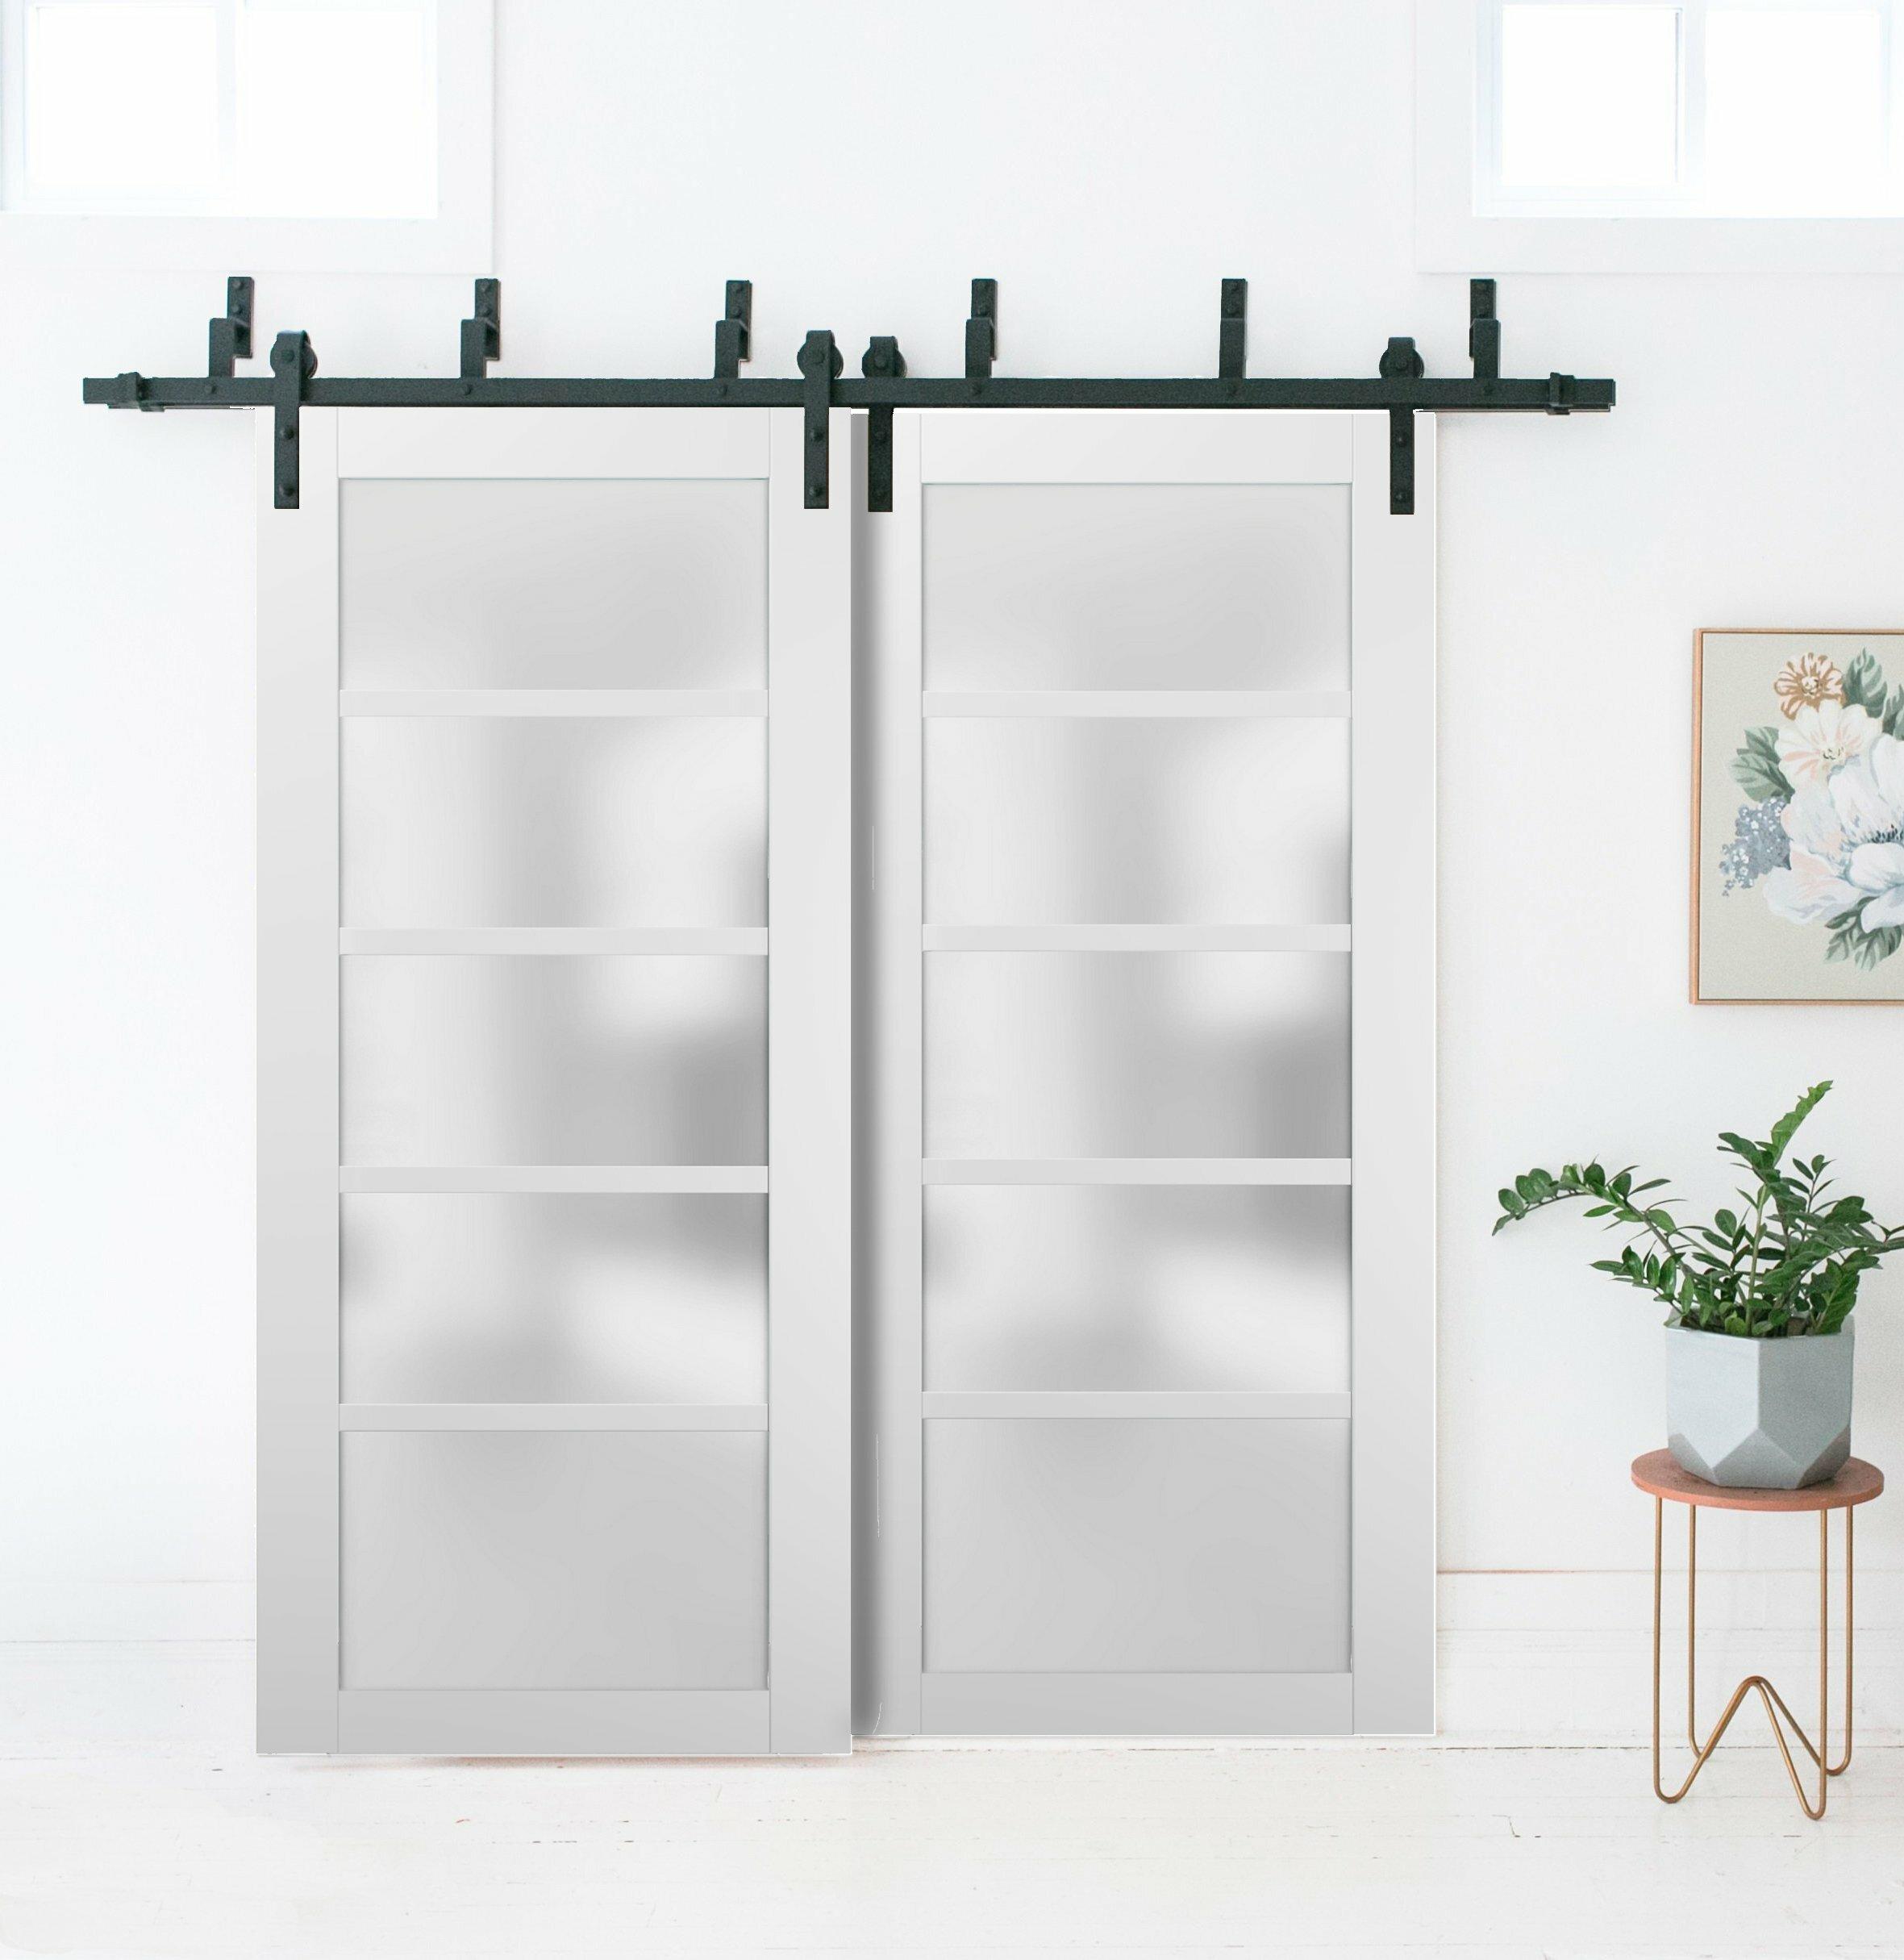 Sartodoors Quadro Glass Standard Door Wayfair